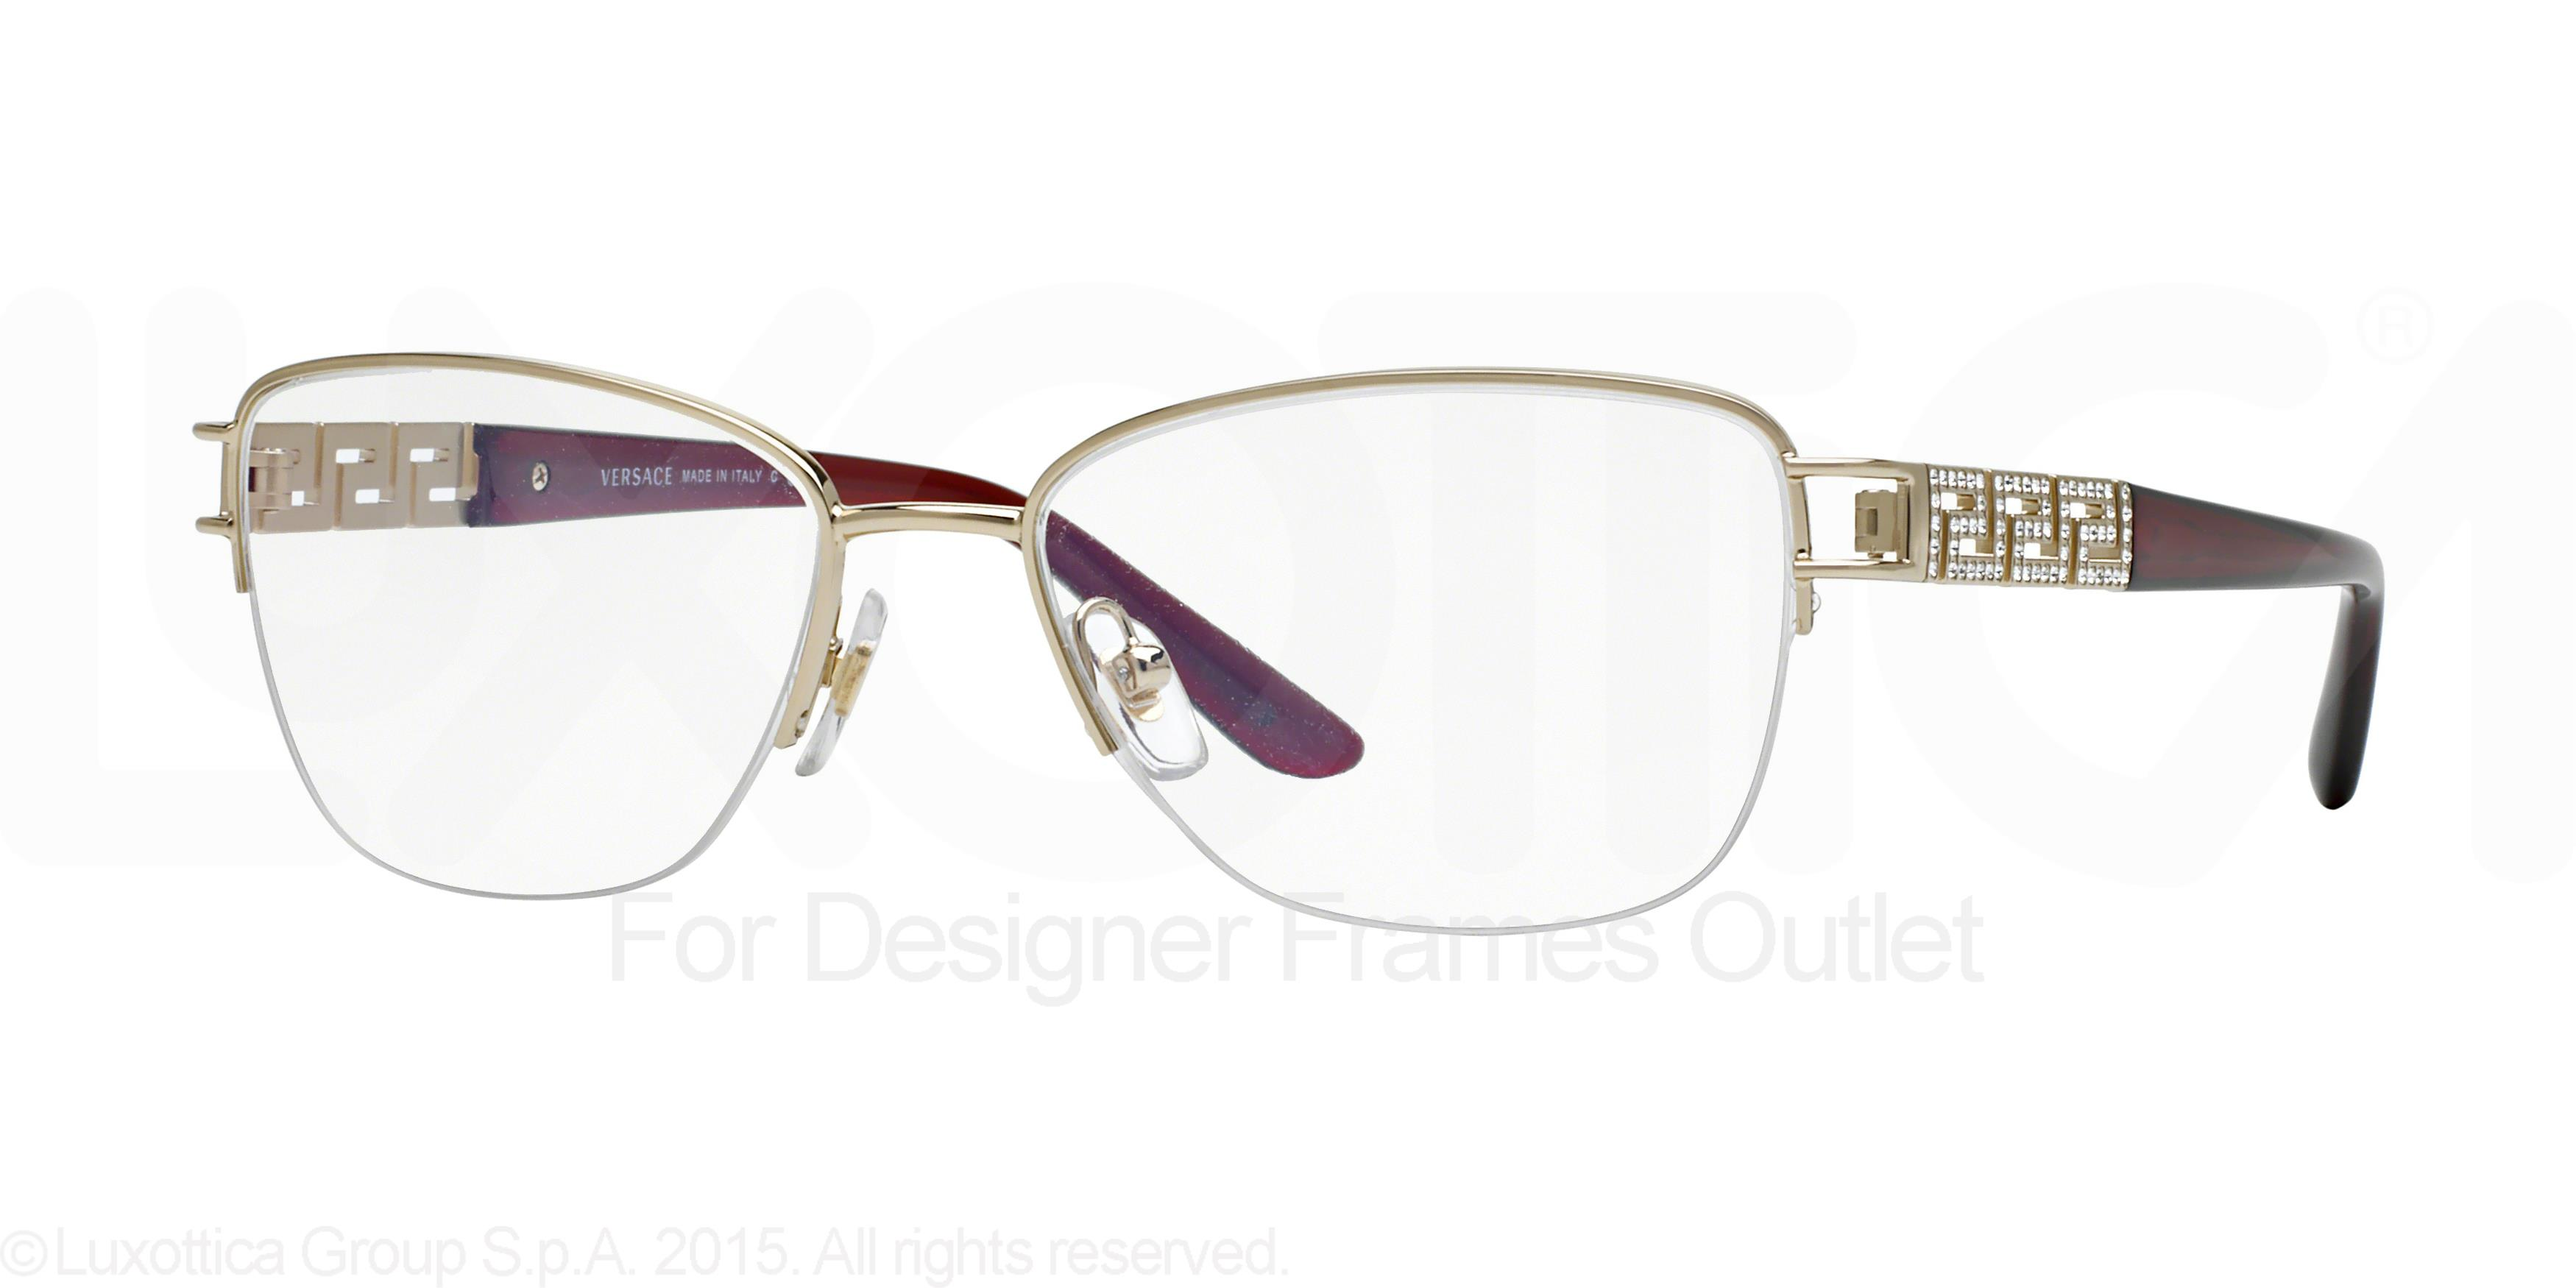 a27945c9ea77 Designer Eyeglasses Outlet